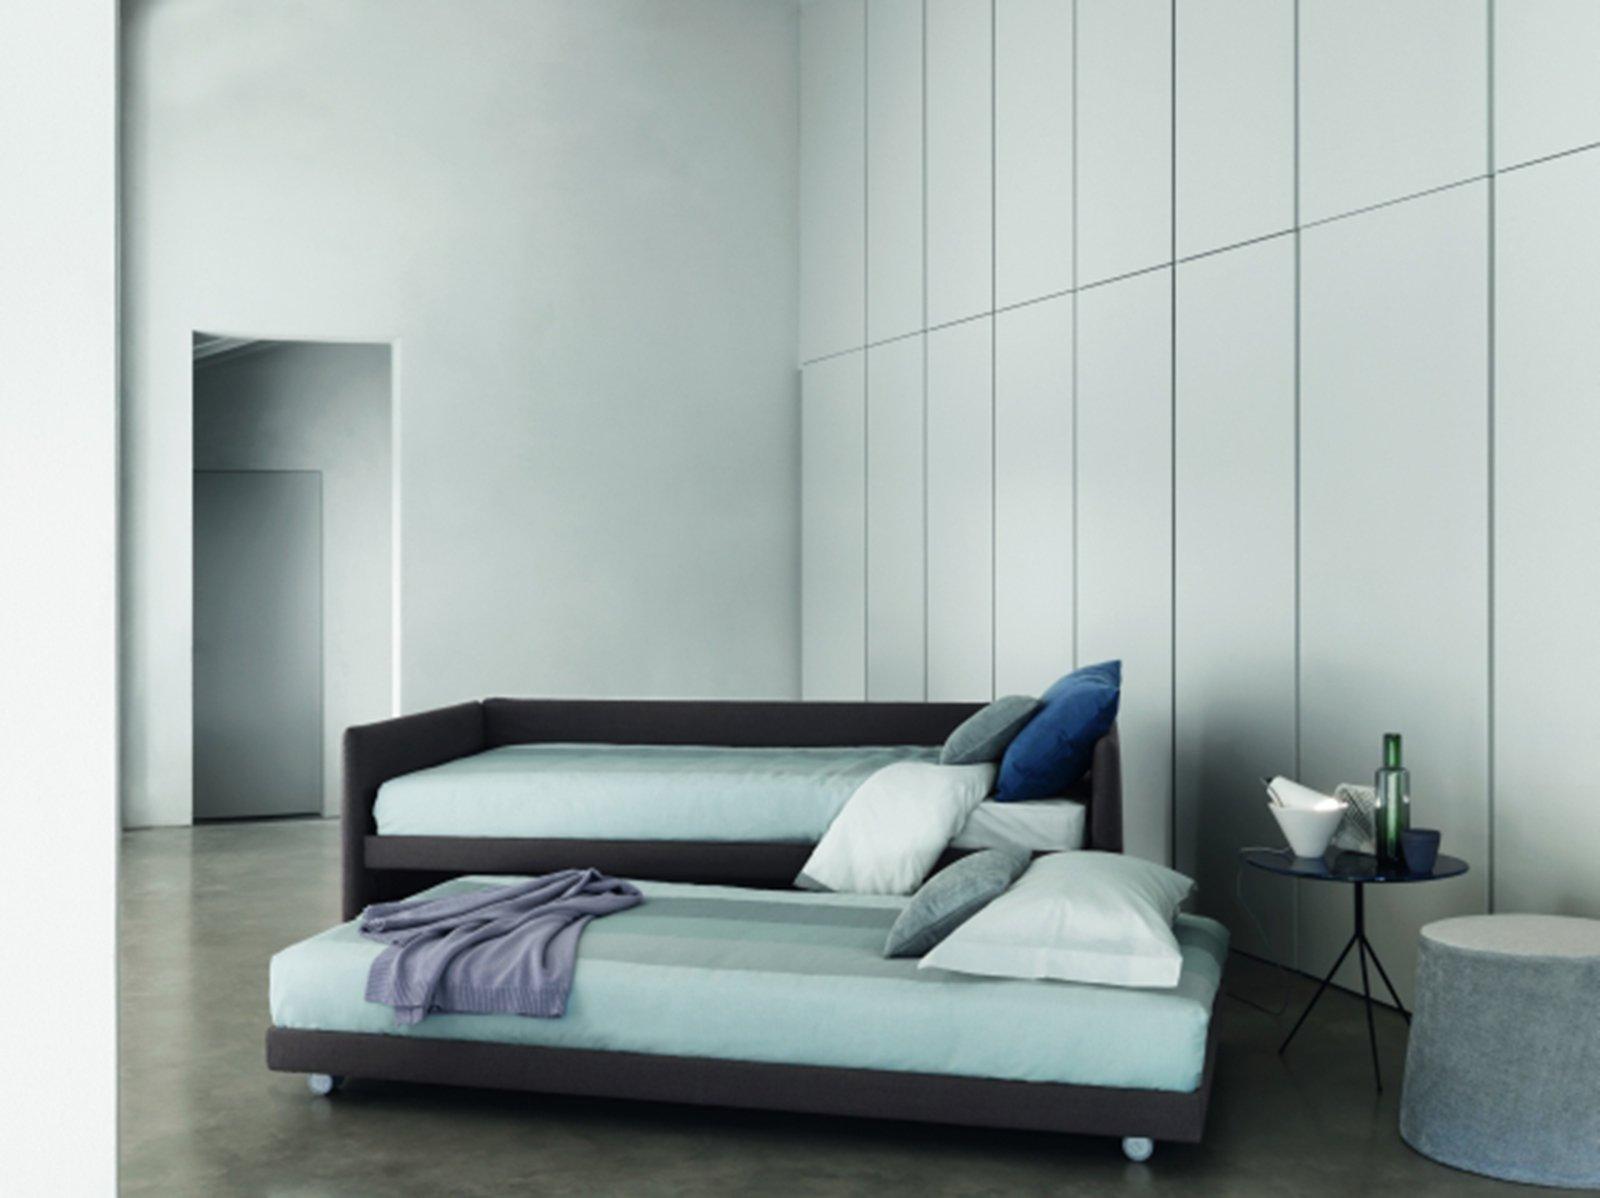 Divano letto con secondo letto estraibile mondo convenienza for Divano letto prezzi